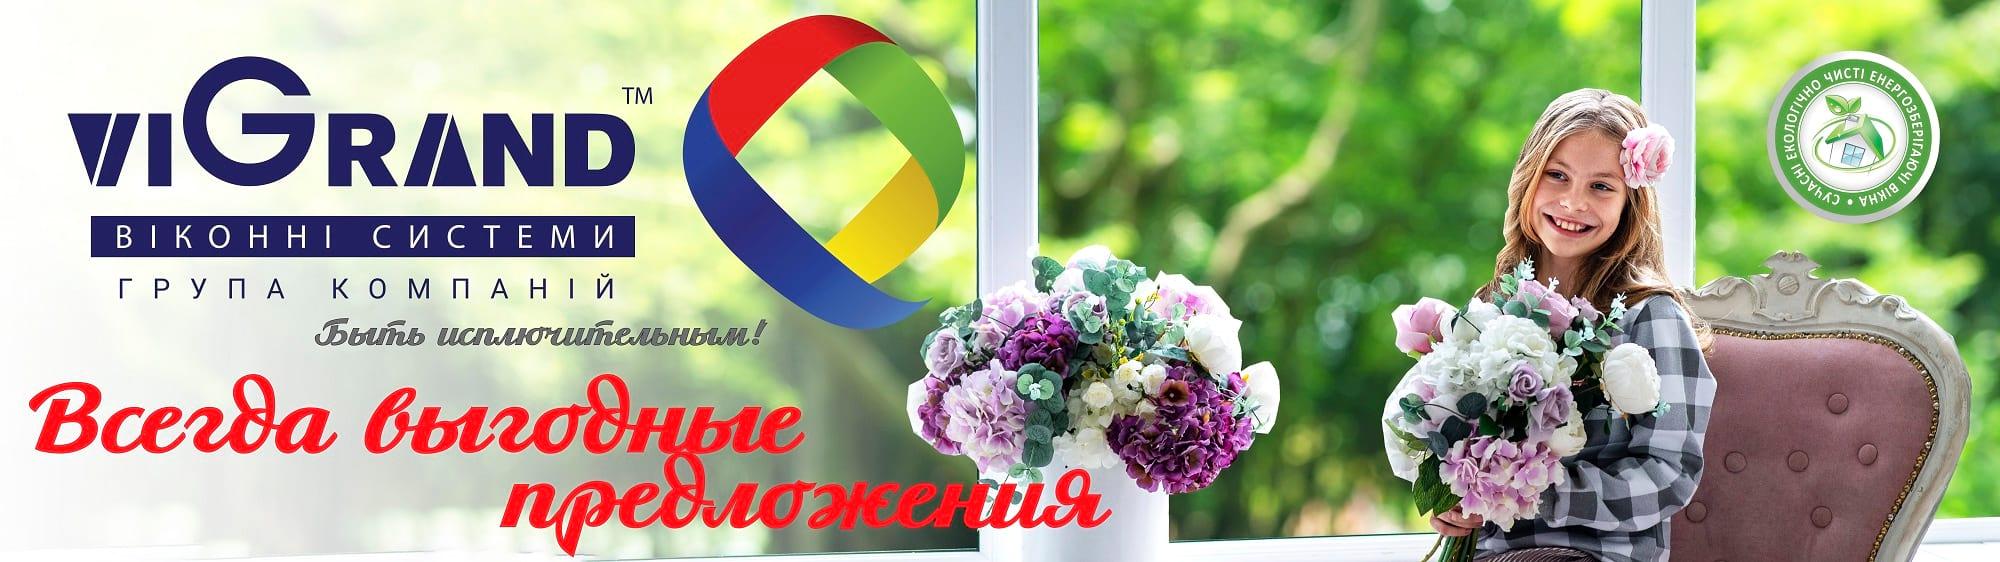 vesna ru - Главная